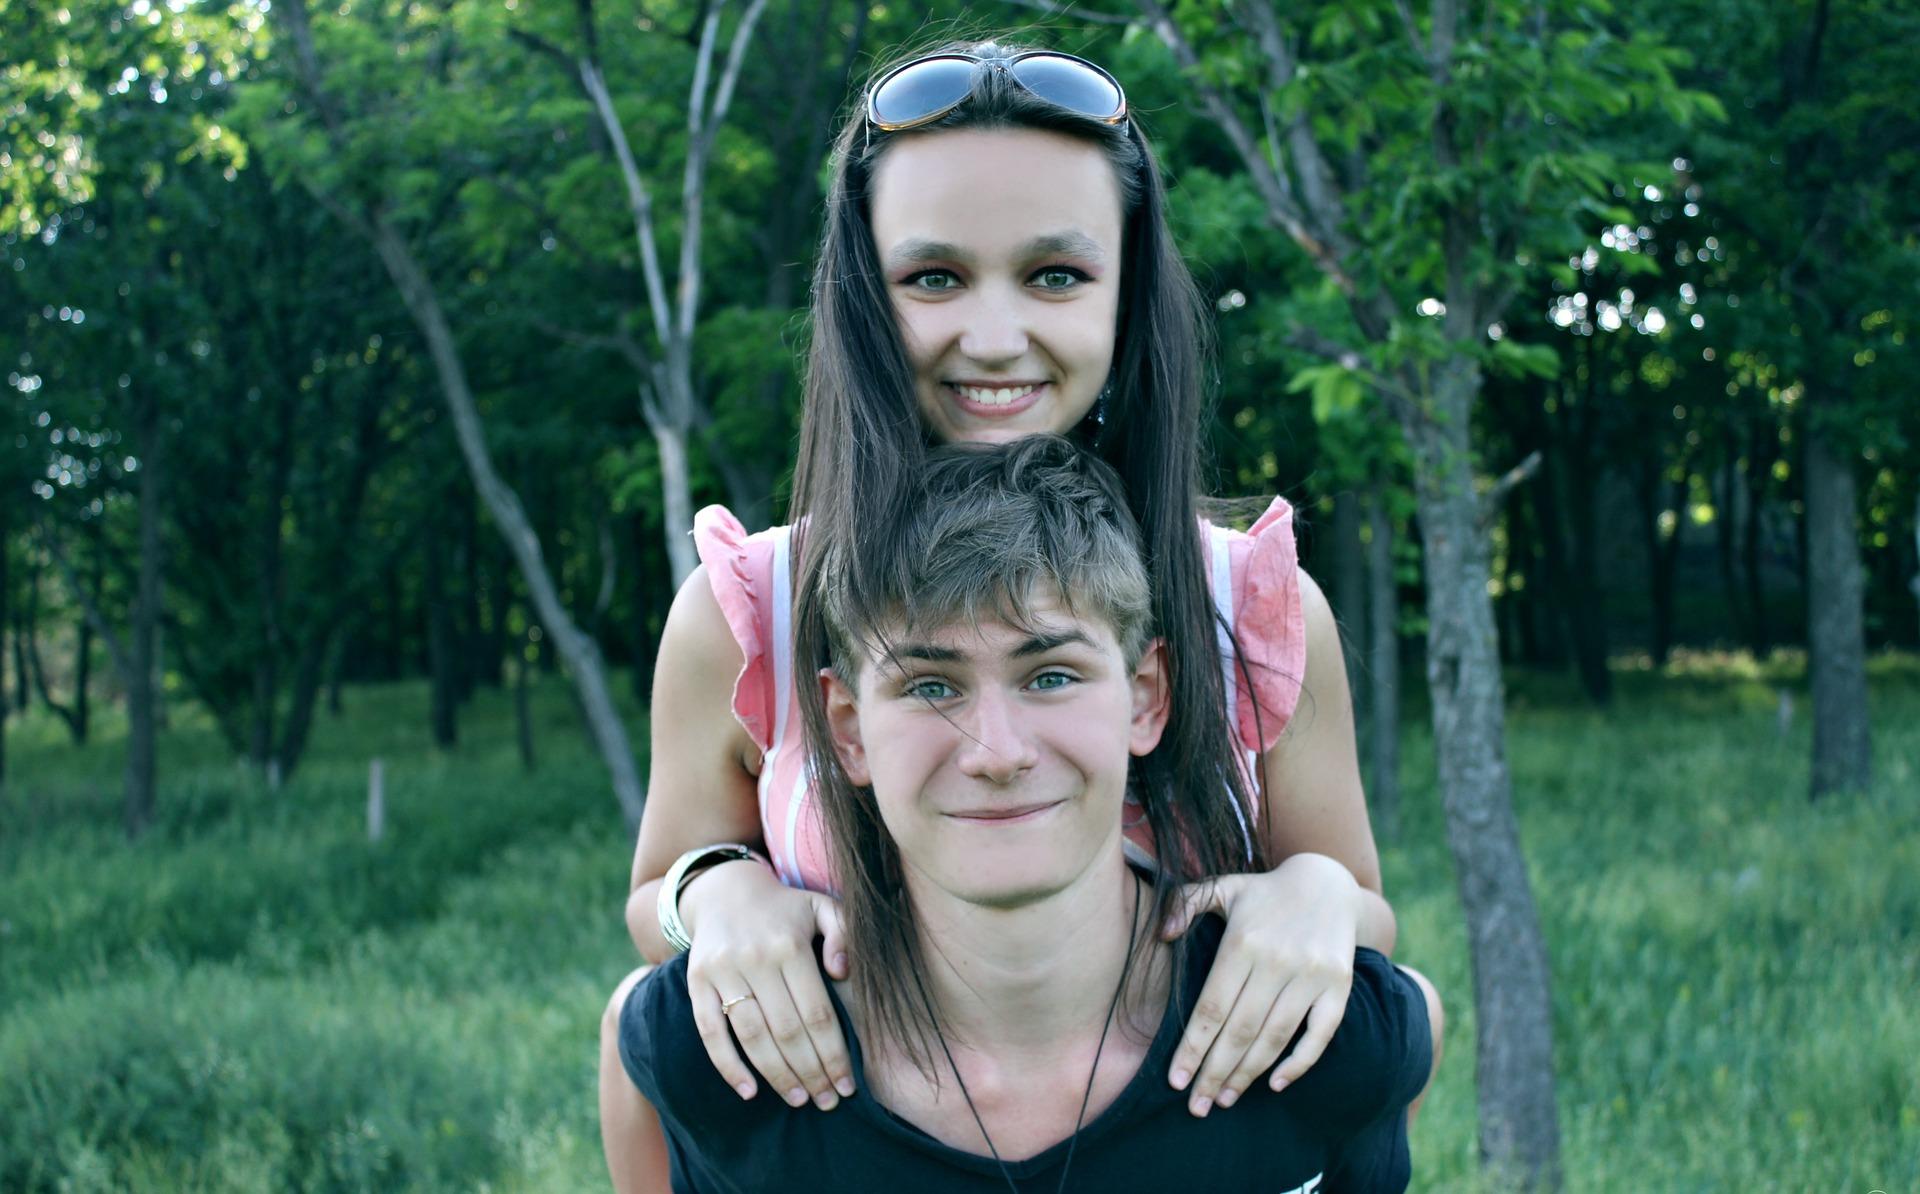 Регистрация брака несовершеннолетних в России: при беременности, в 16 лет